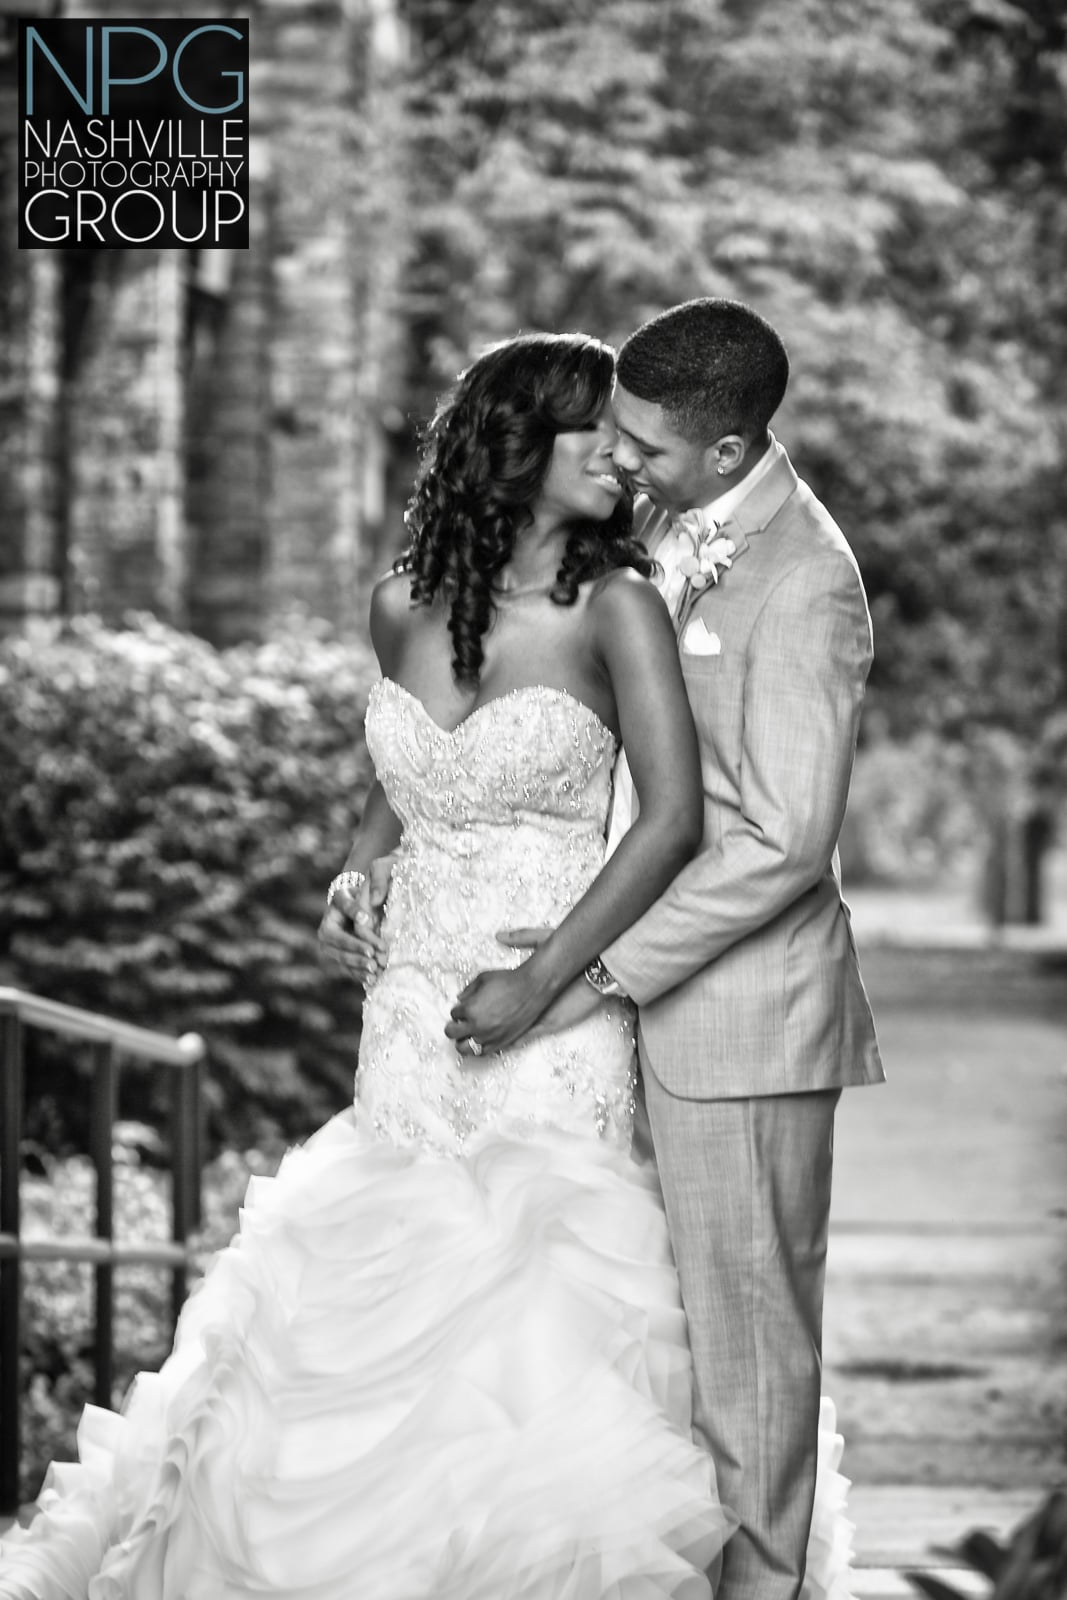 Nashville Photography Group wedding photographers-7.jpg